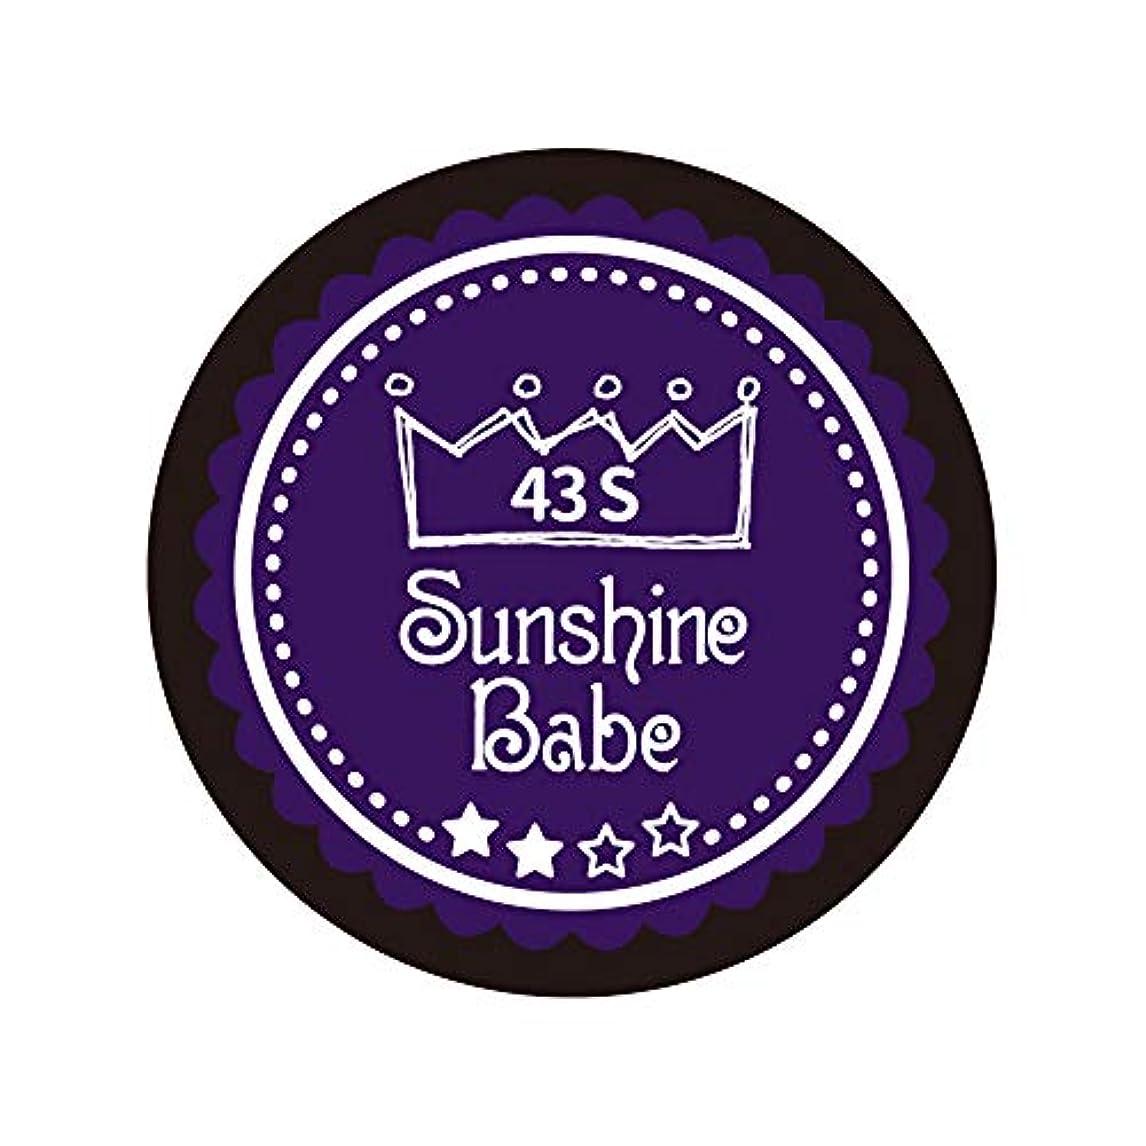 思想寄生虫悪のSunshine Babe カラージェル 43S オータムウルトラバイオレット 2.7g UV/LED対応